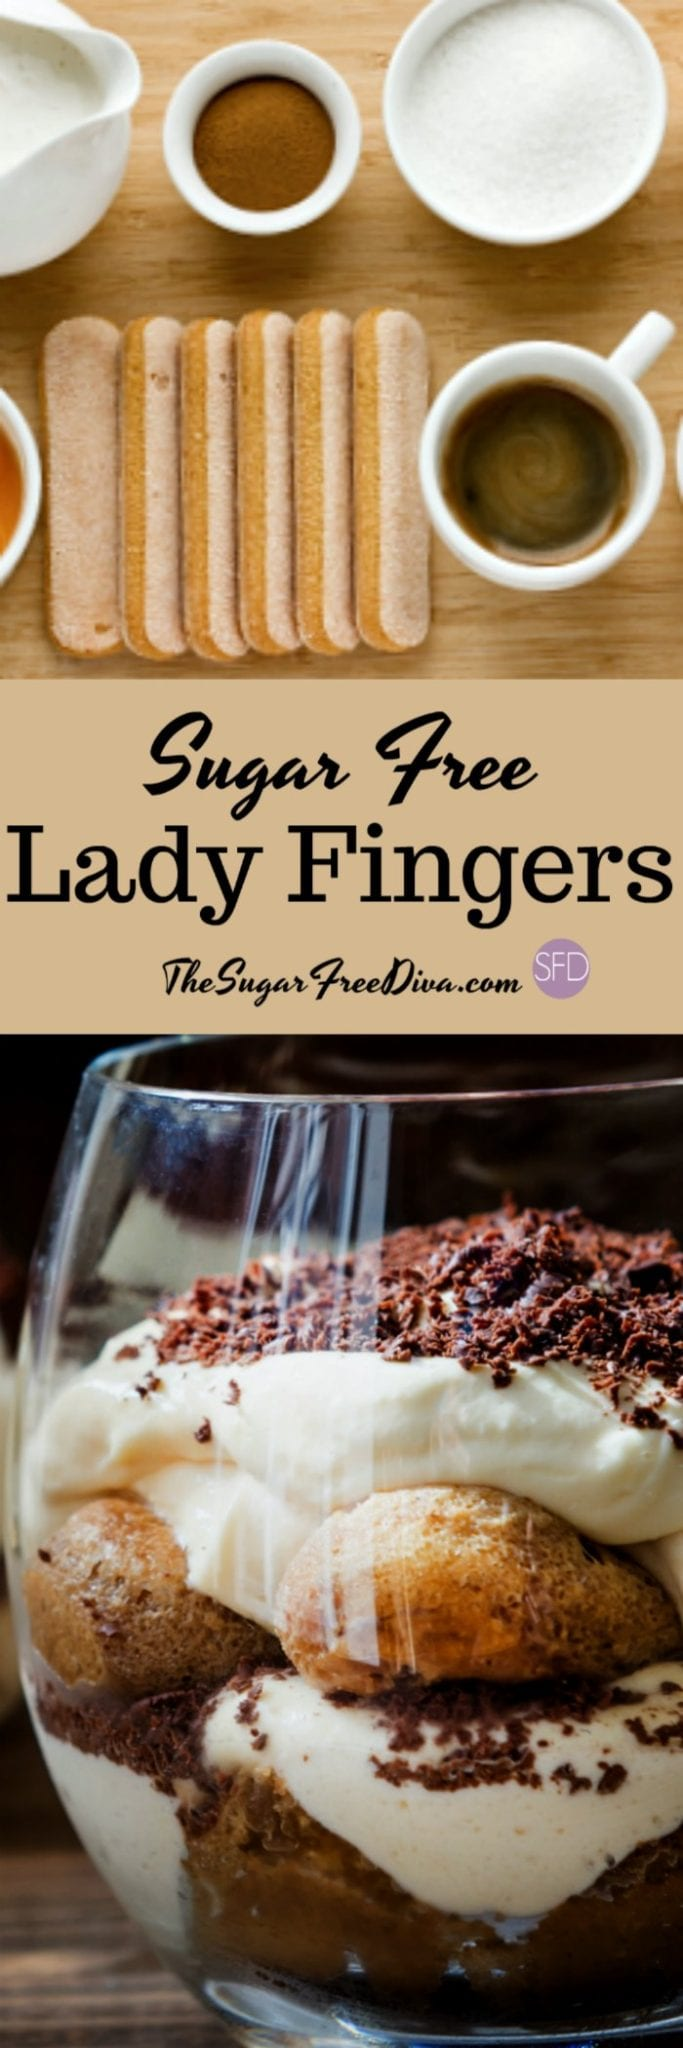 Sugar Free Lady Fingers